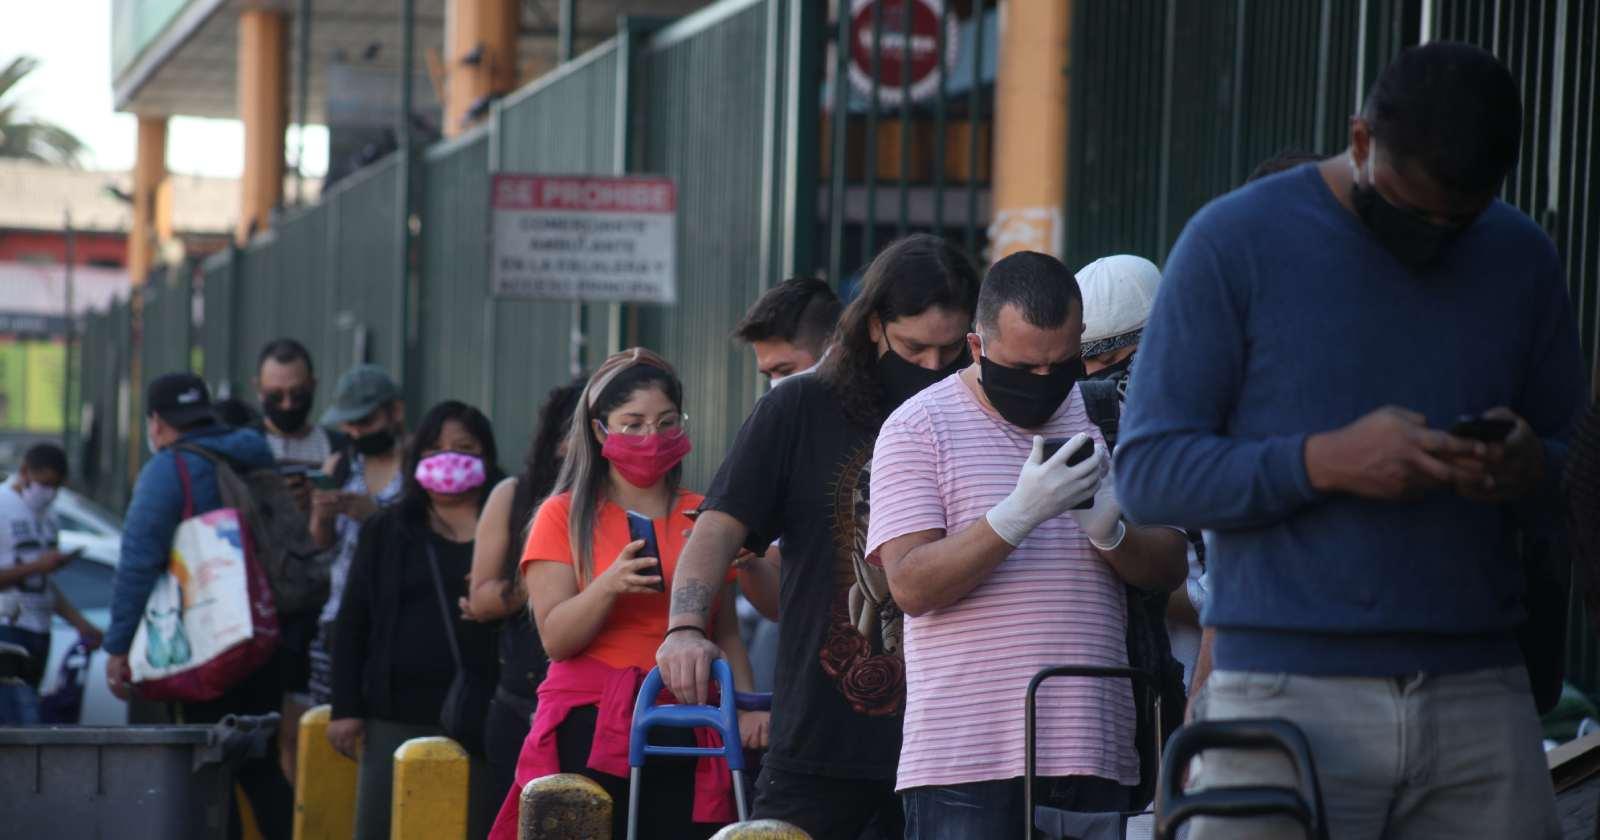 Cuarentena en la RM: movilidad sube hasta un 9% durante el fin de semana